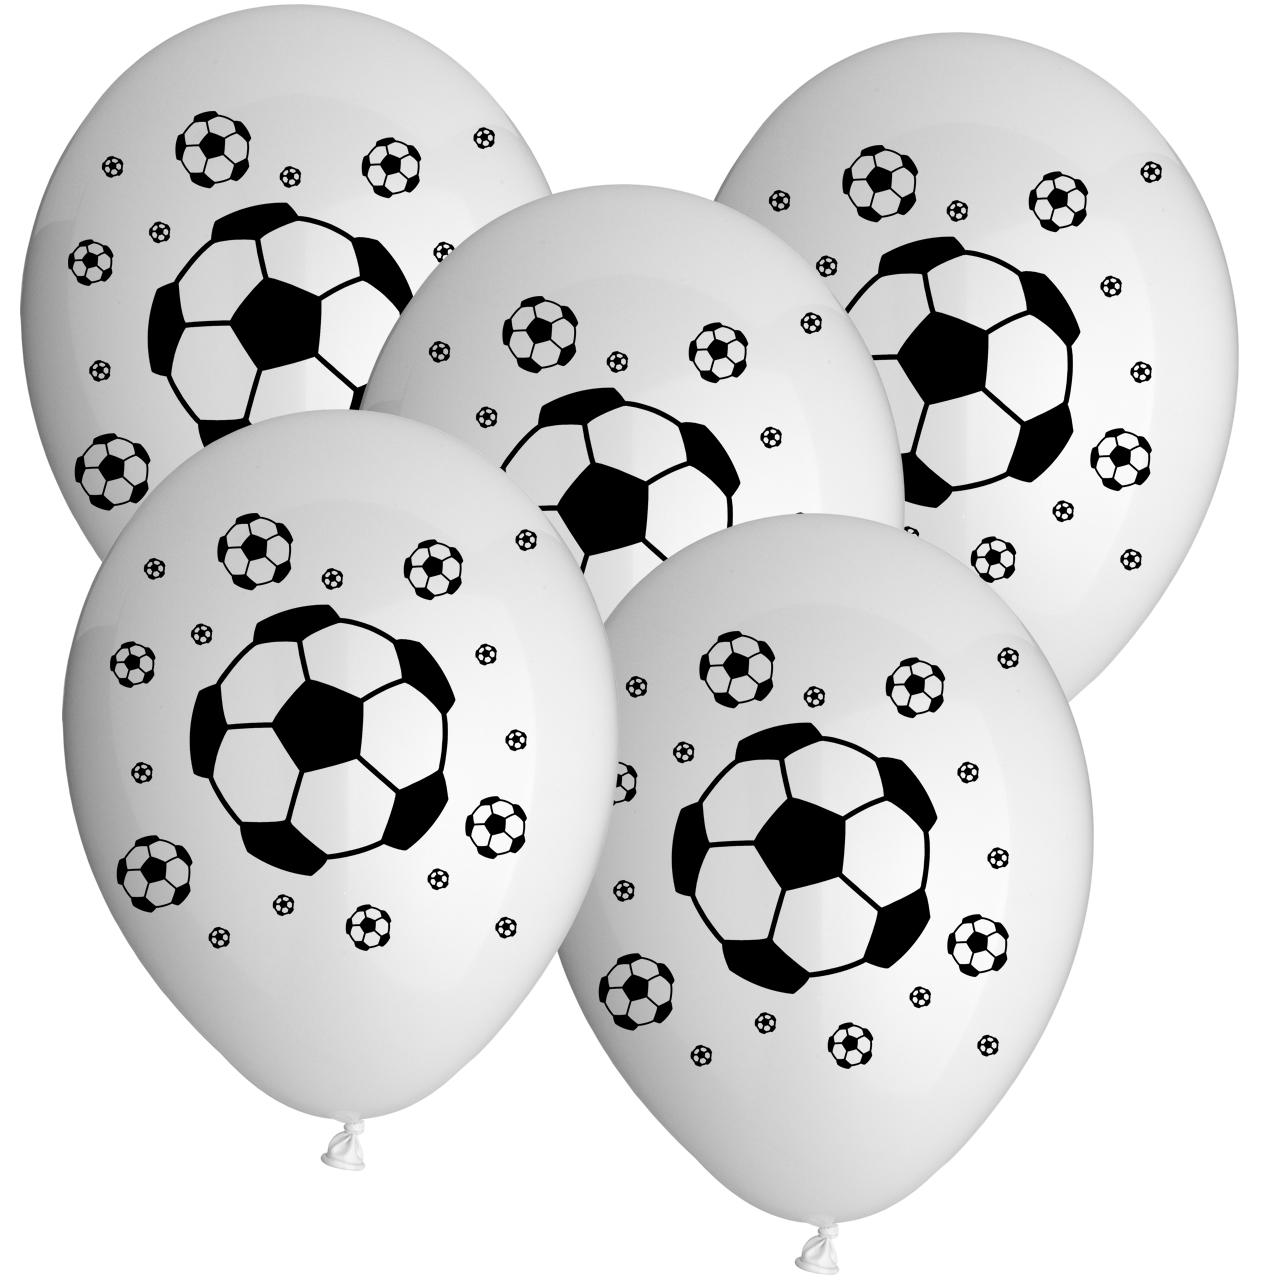 Ballon Boutique Fussball Ballons Luftballon Fussball